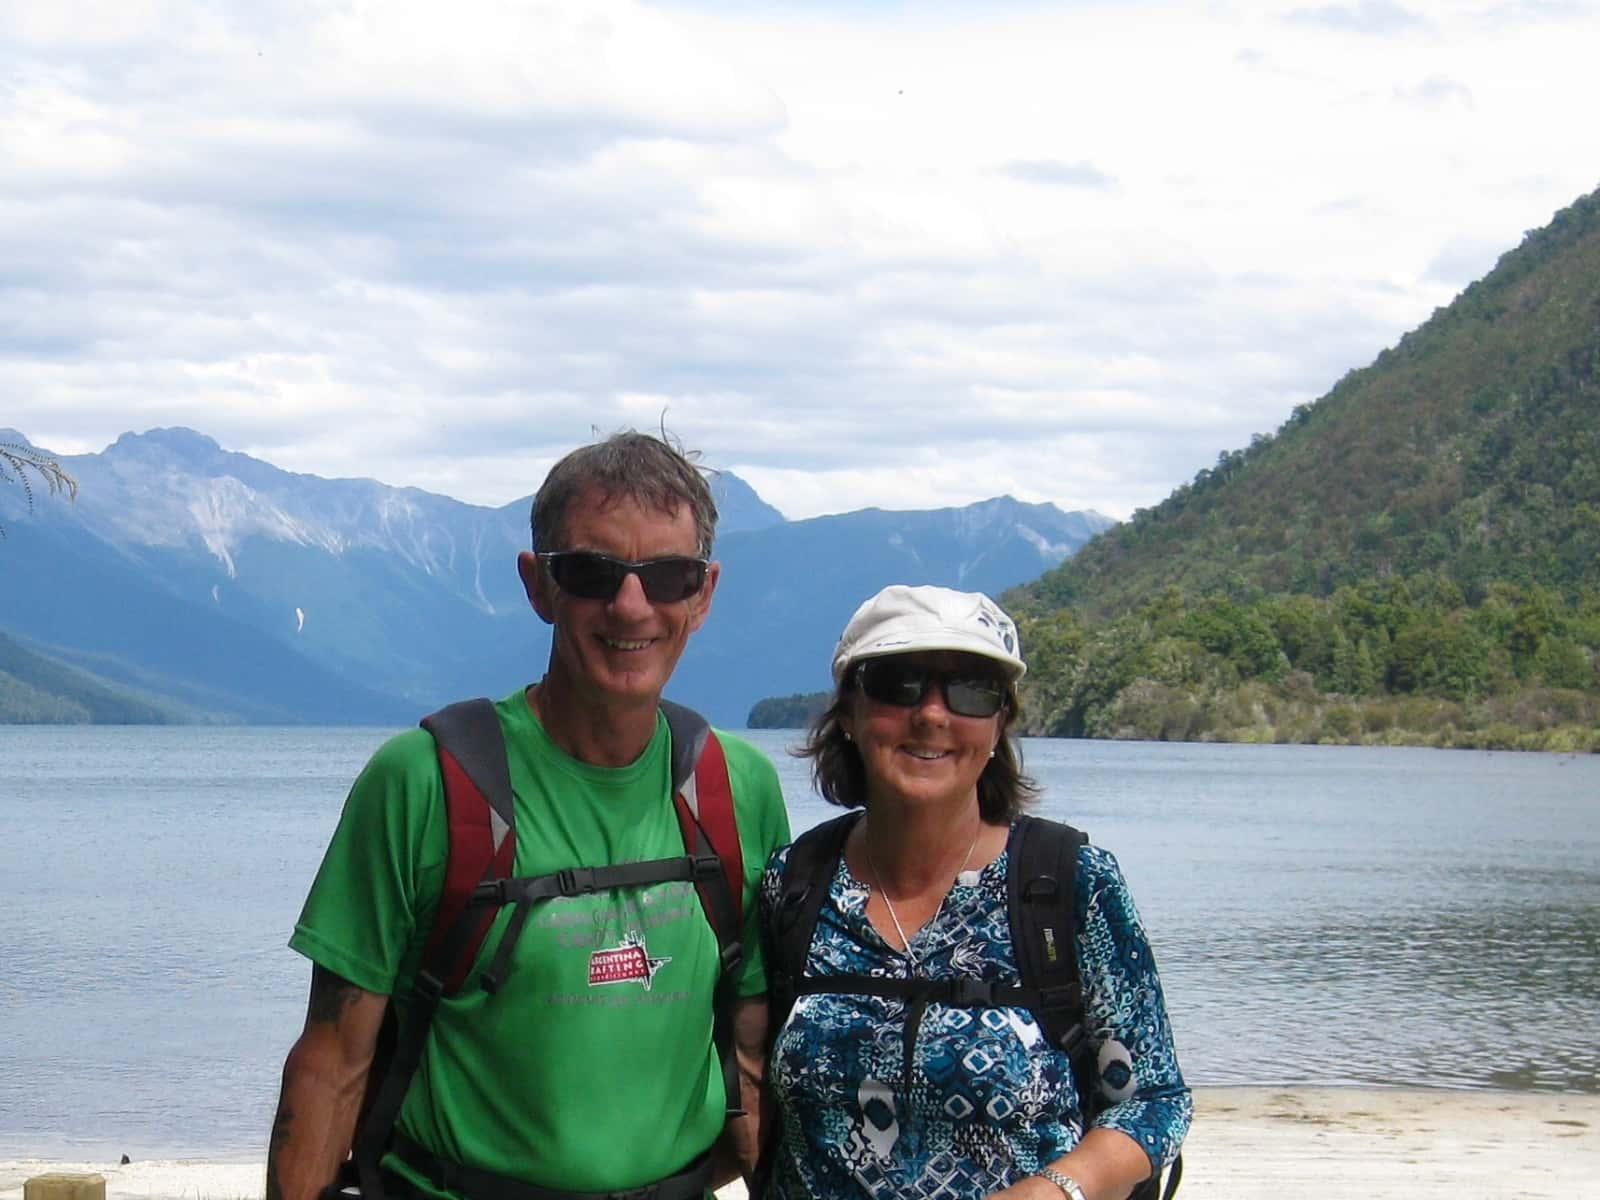 Petreah & Dean from Nelson, New Zealand